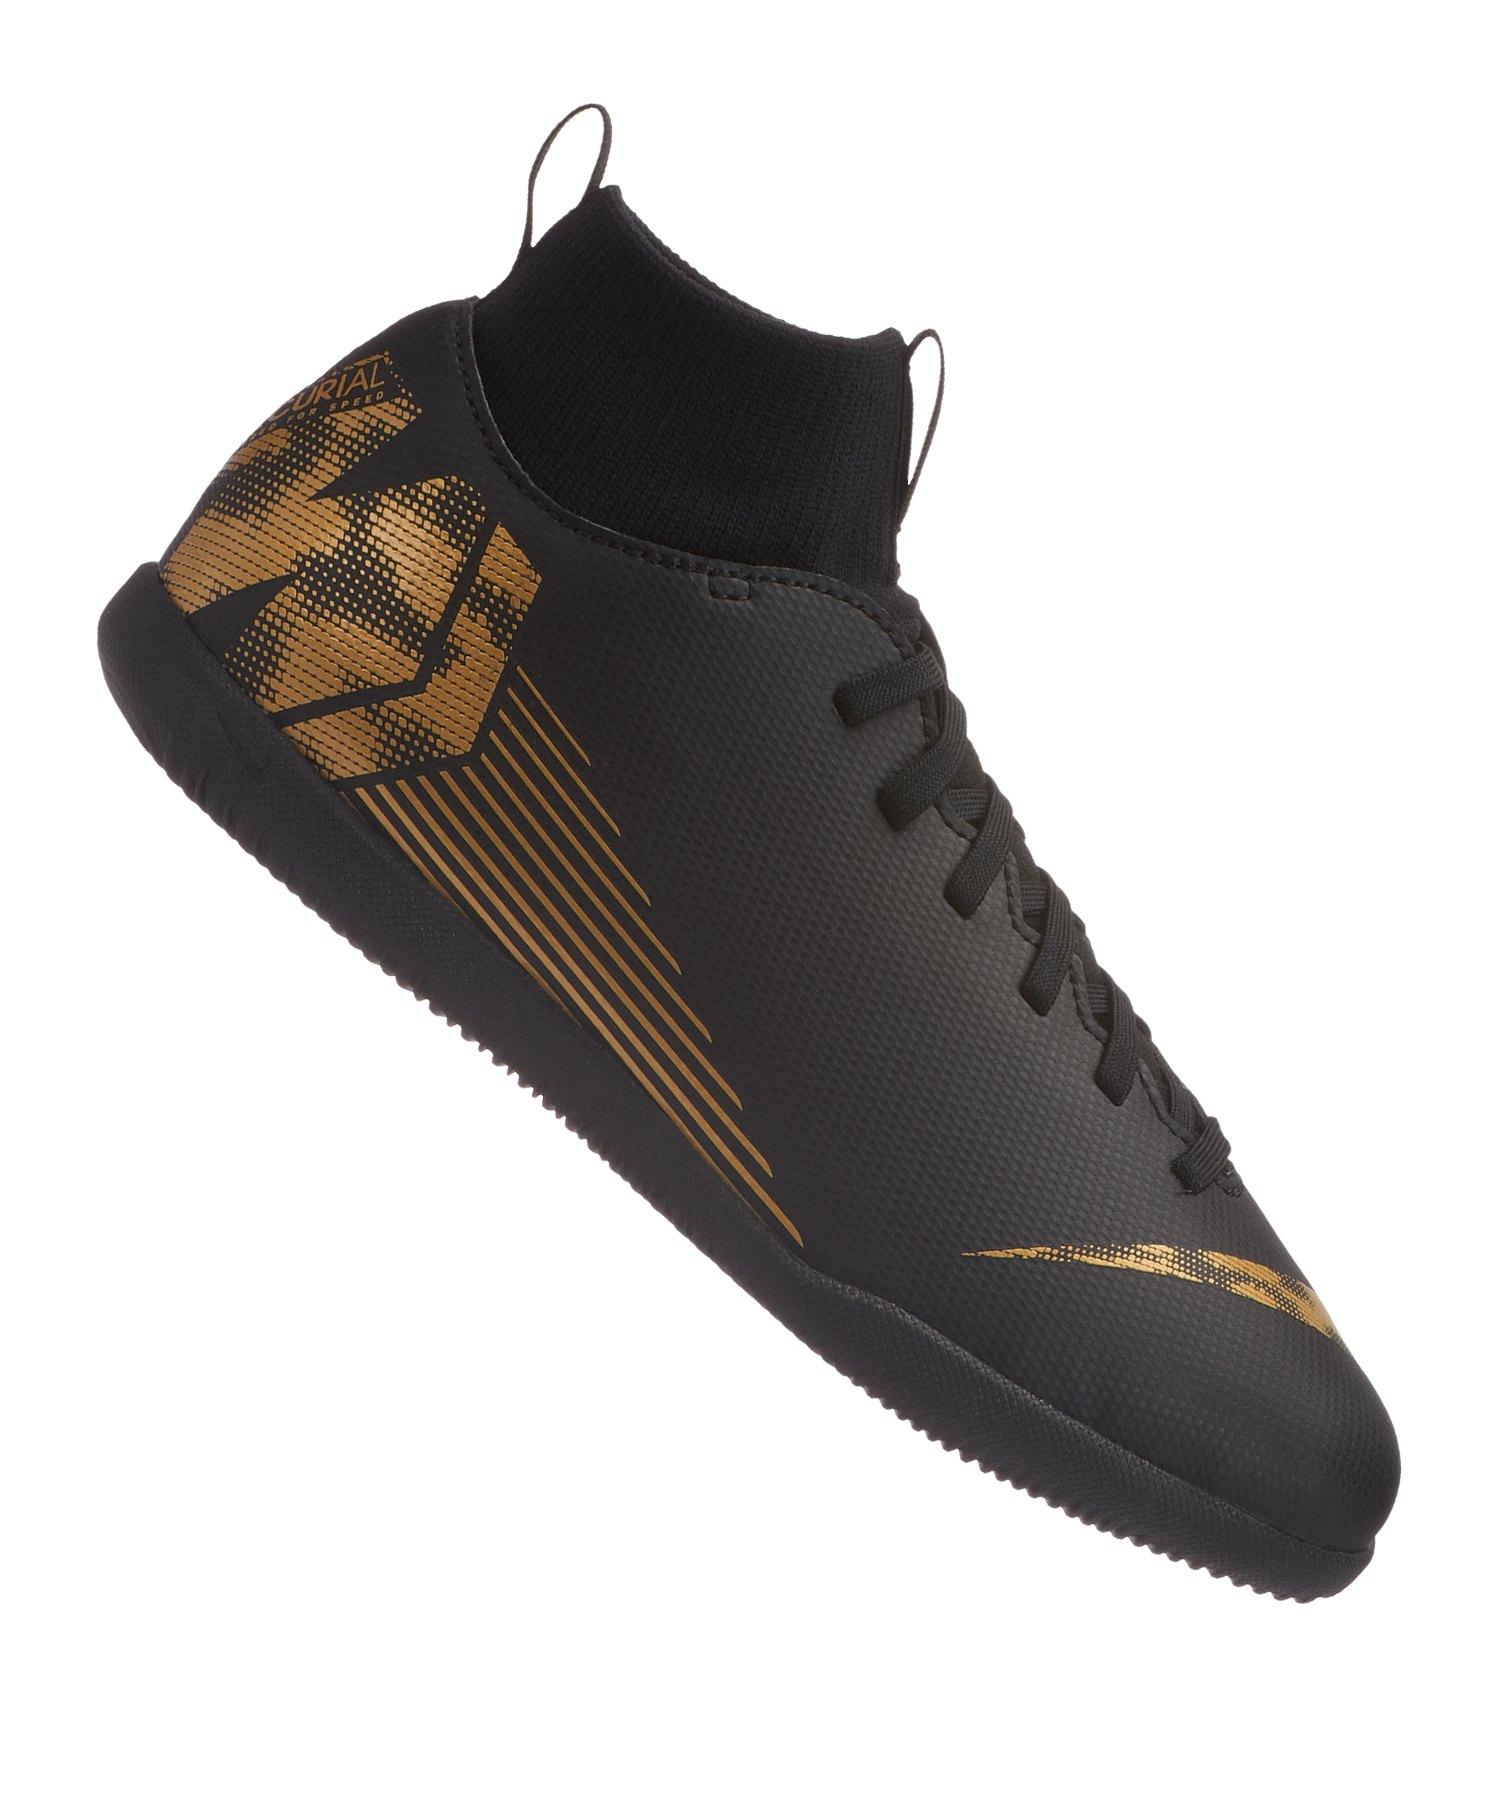 252fef5153ef Nike Mercurial SuperflyX VI Club IC Kids F077 - schwarz